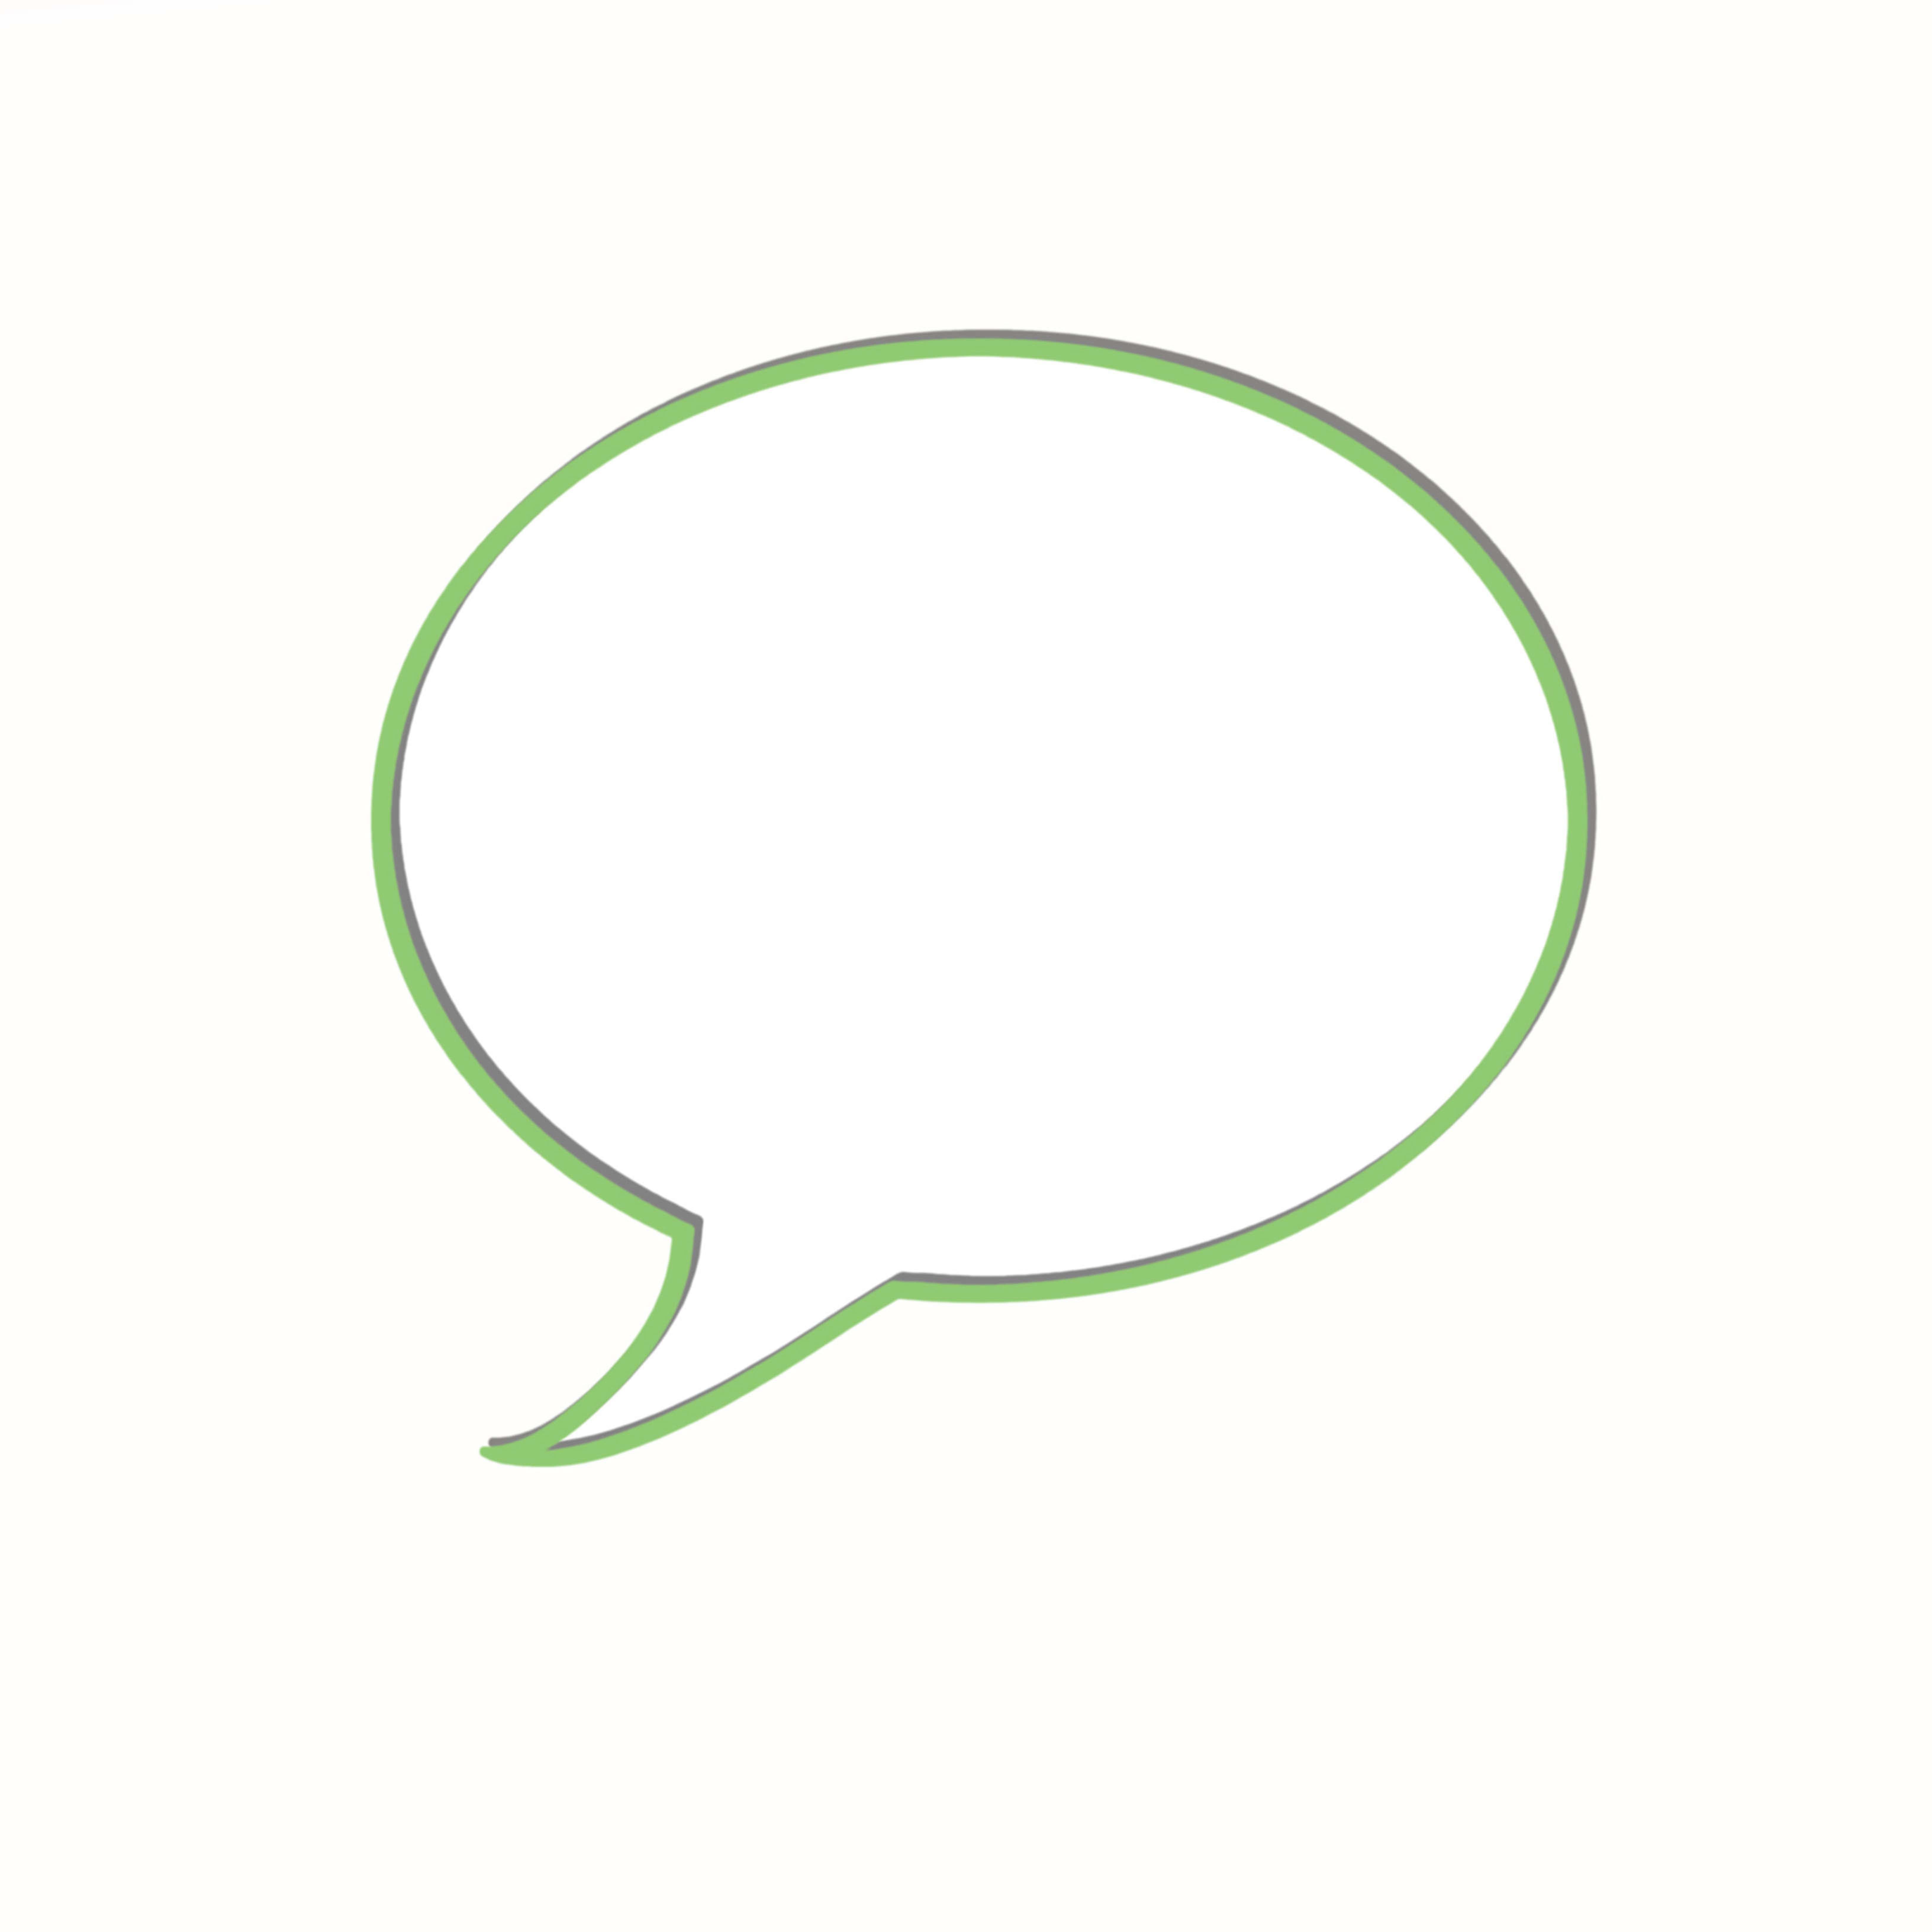 blog, kommentar, kommentarfunktion, nutzen